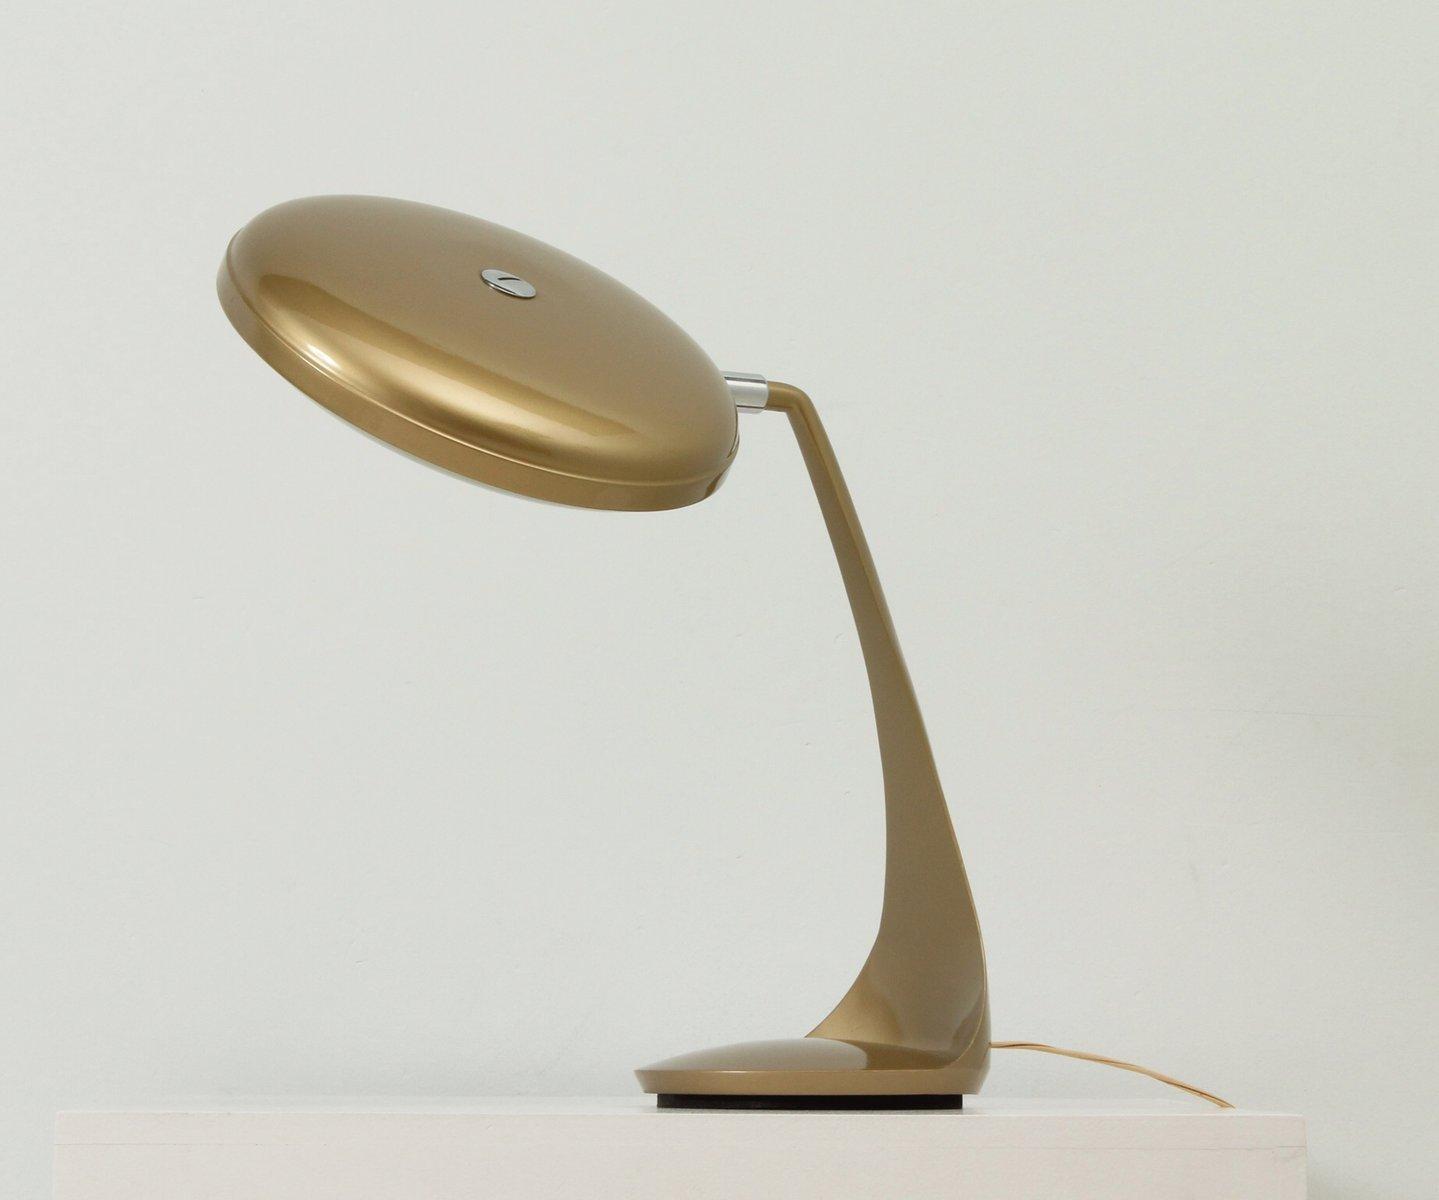 Desk Lamp Model Reina By Lupela 1960s